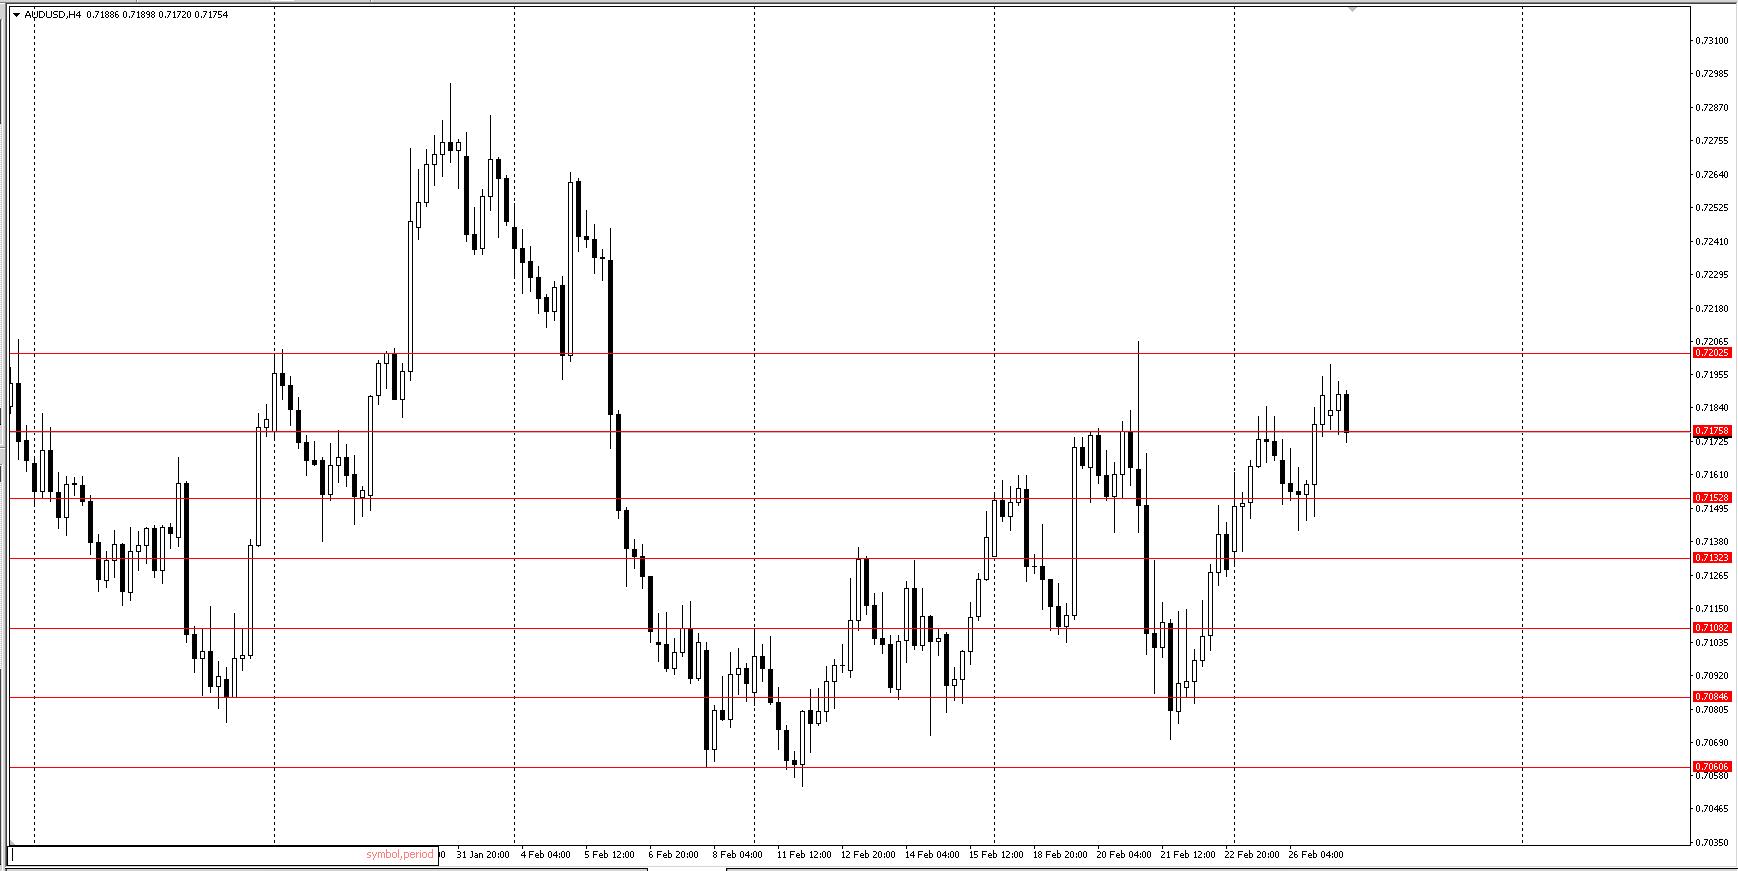 phan-tich-chart-traderviet9.